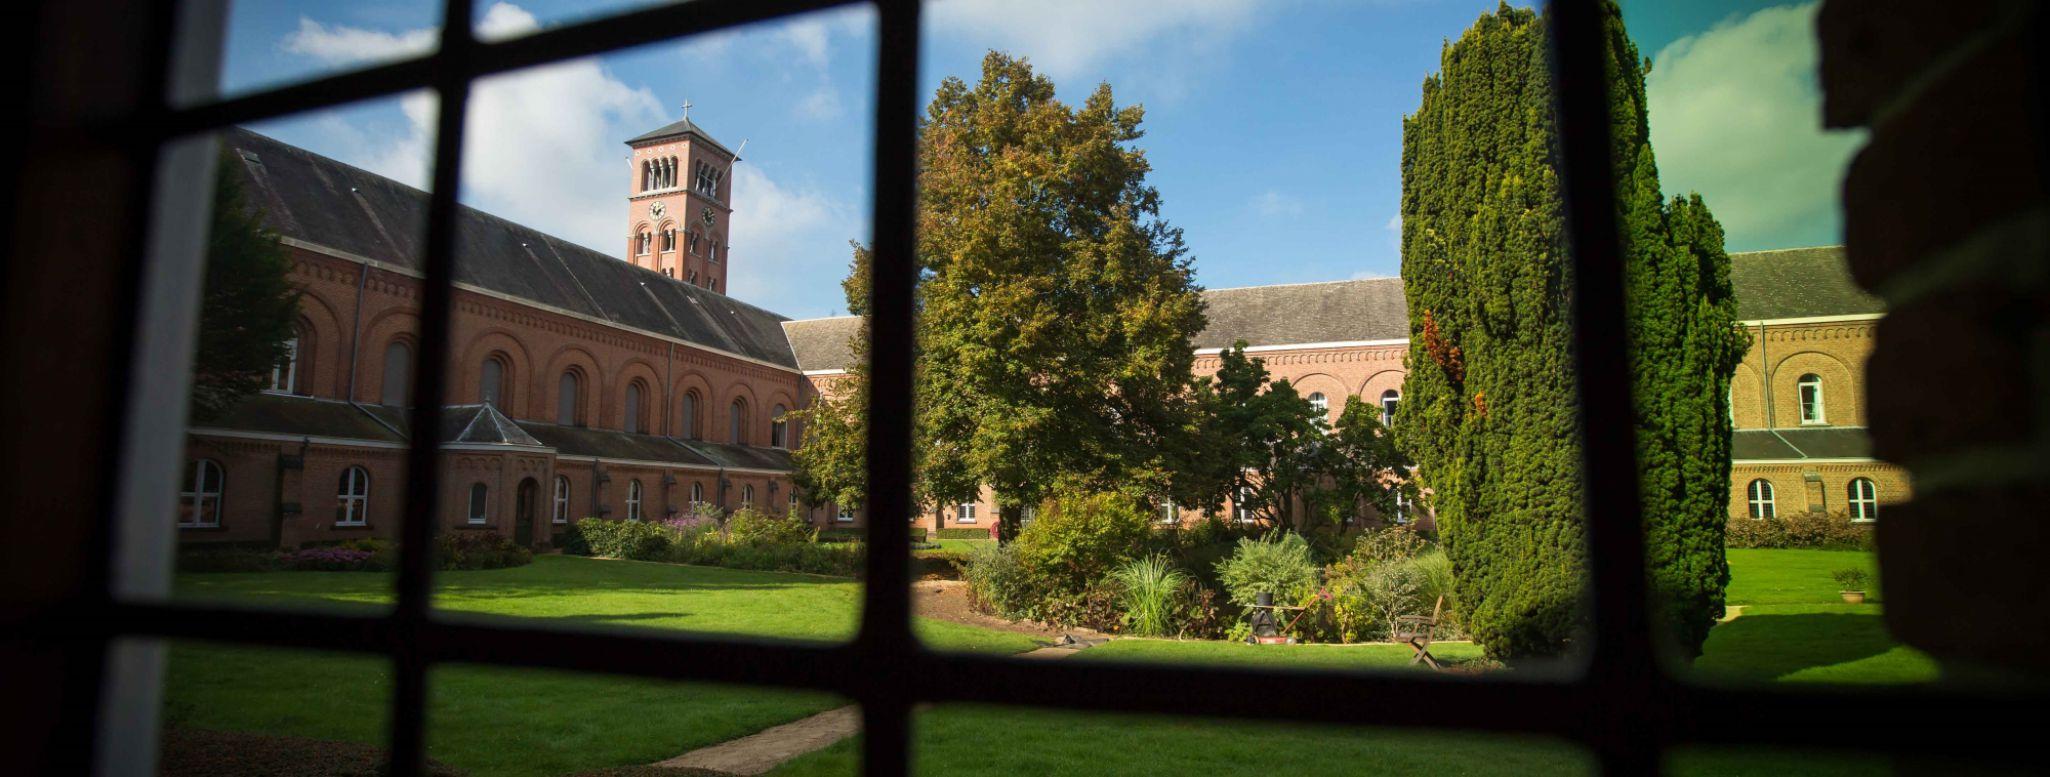 La vista dal chiostro dell'abbazia di Westmalle